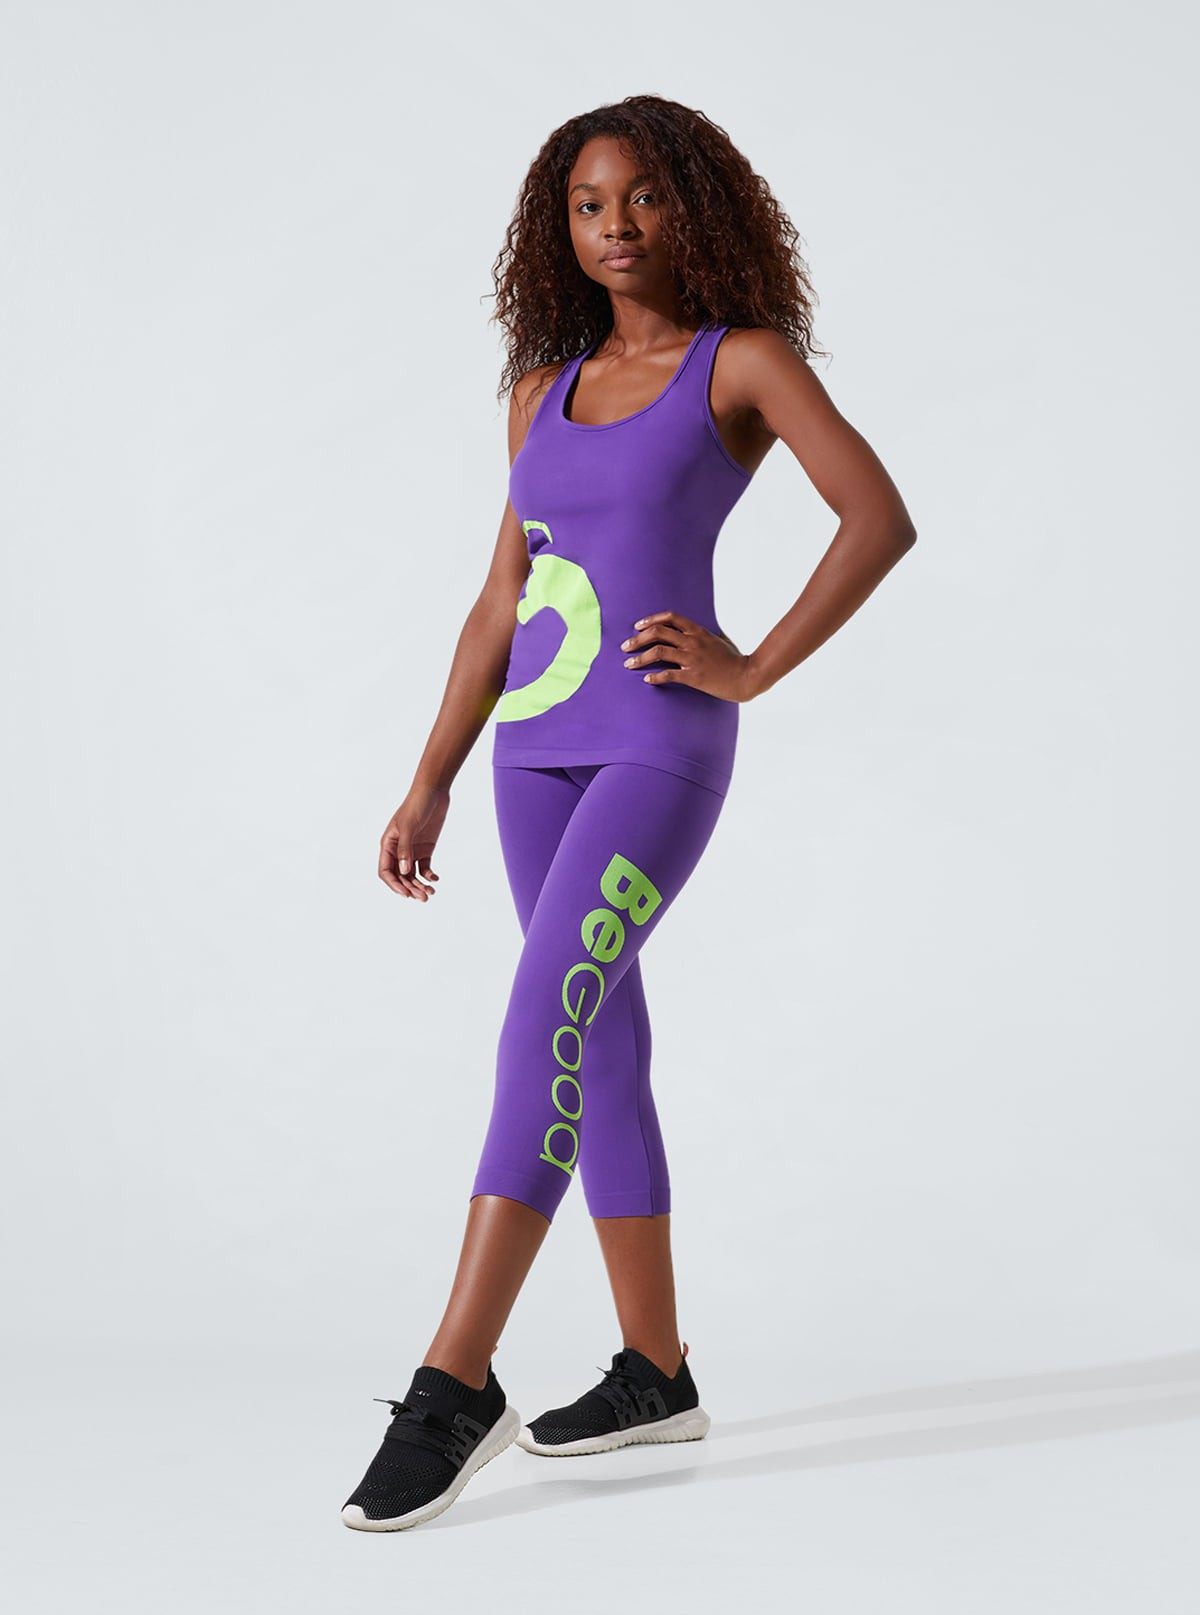 Women's Sport Outfit: Comfort tank top + Viola Capri leggings